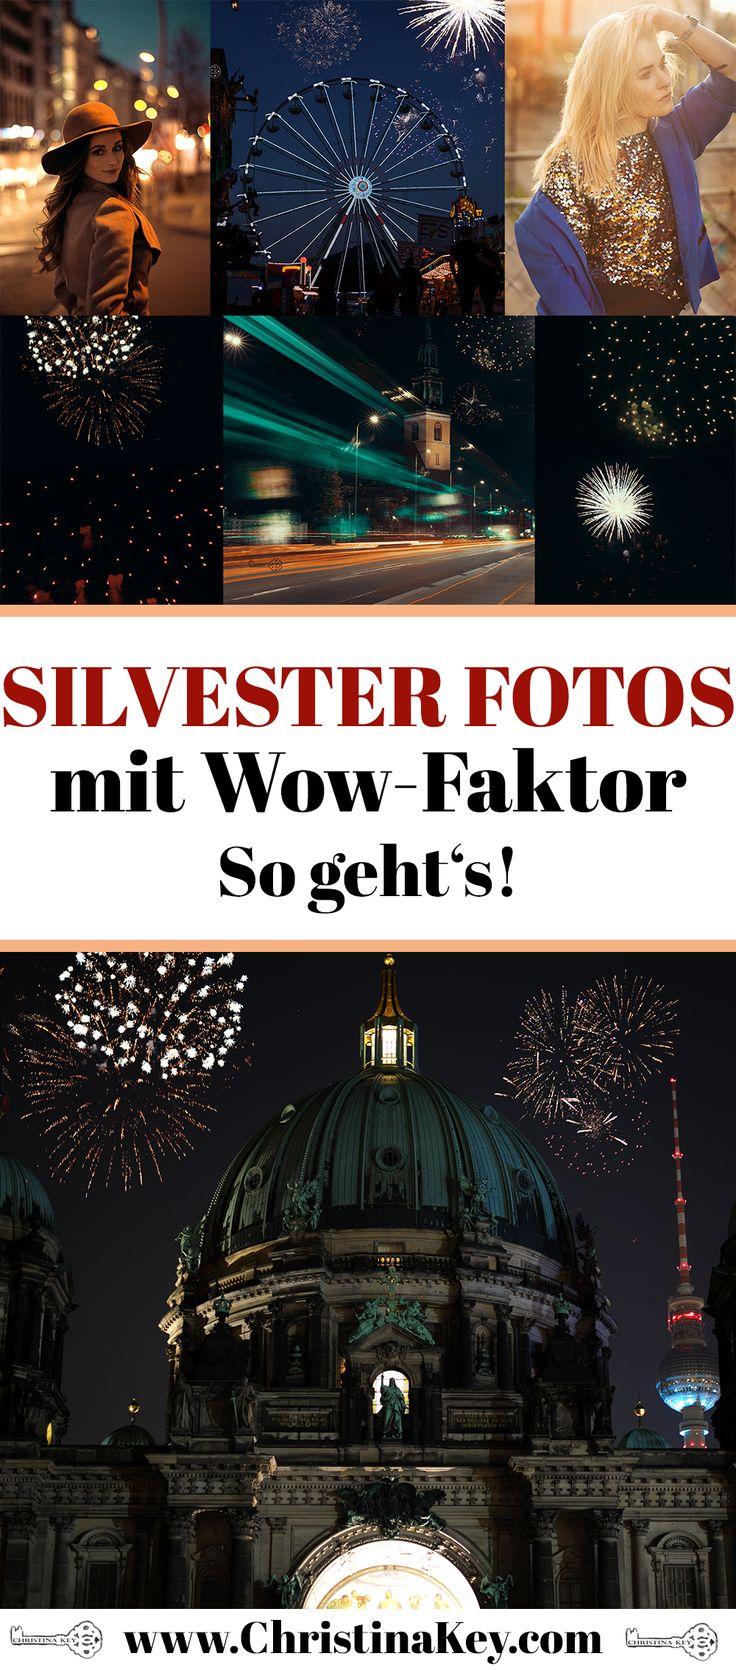 Fotografie Tipps für Silvester - So einfach gelingen Dir atemberaubend schöne Fotos vom Feuerwerk, Menschen & Co! Jetzt entdecken auf CHRISTINA KEY - dem Fotografie, Blogger Tipps, Rezepte, Mode und DIY Blog aus Berlin, Deutschland